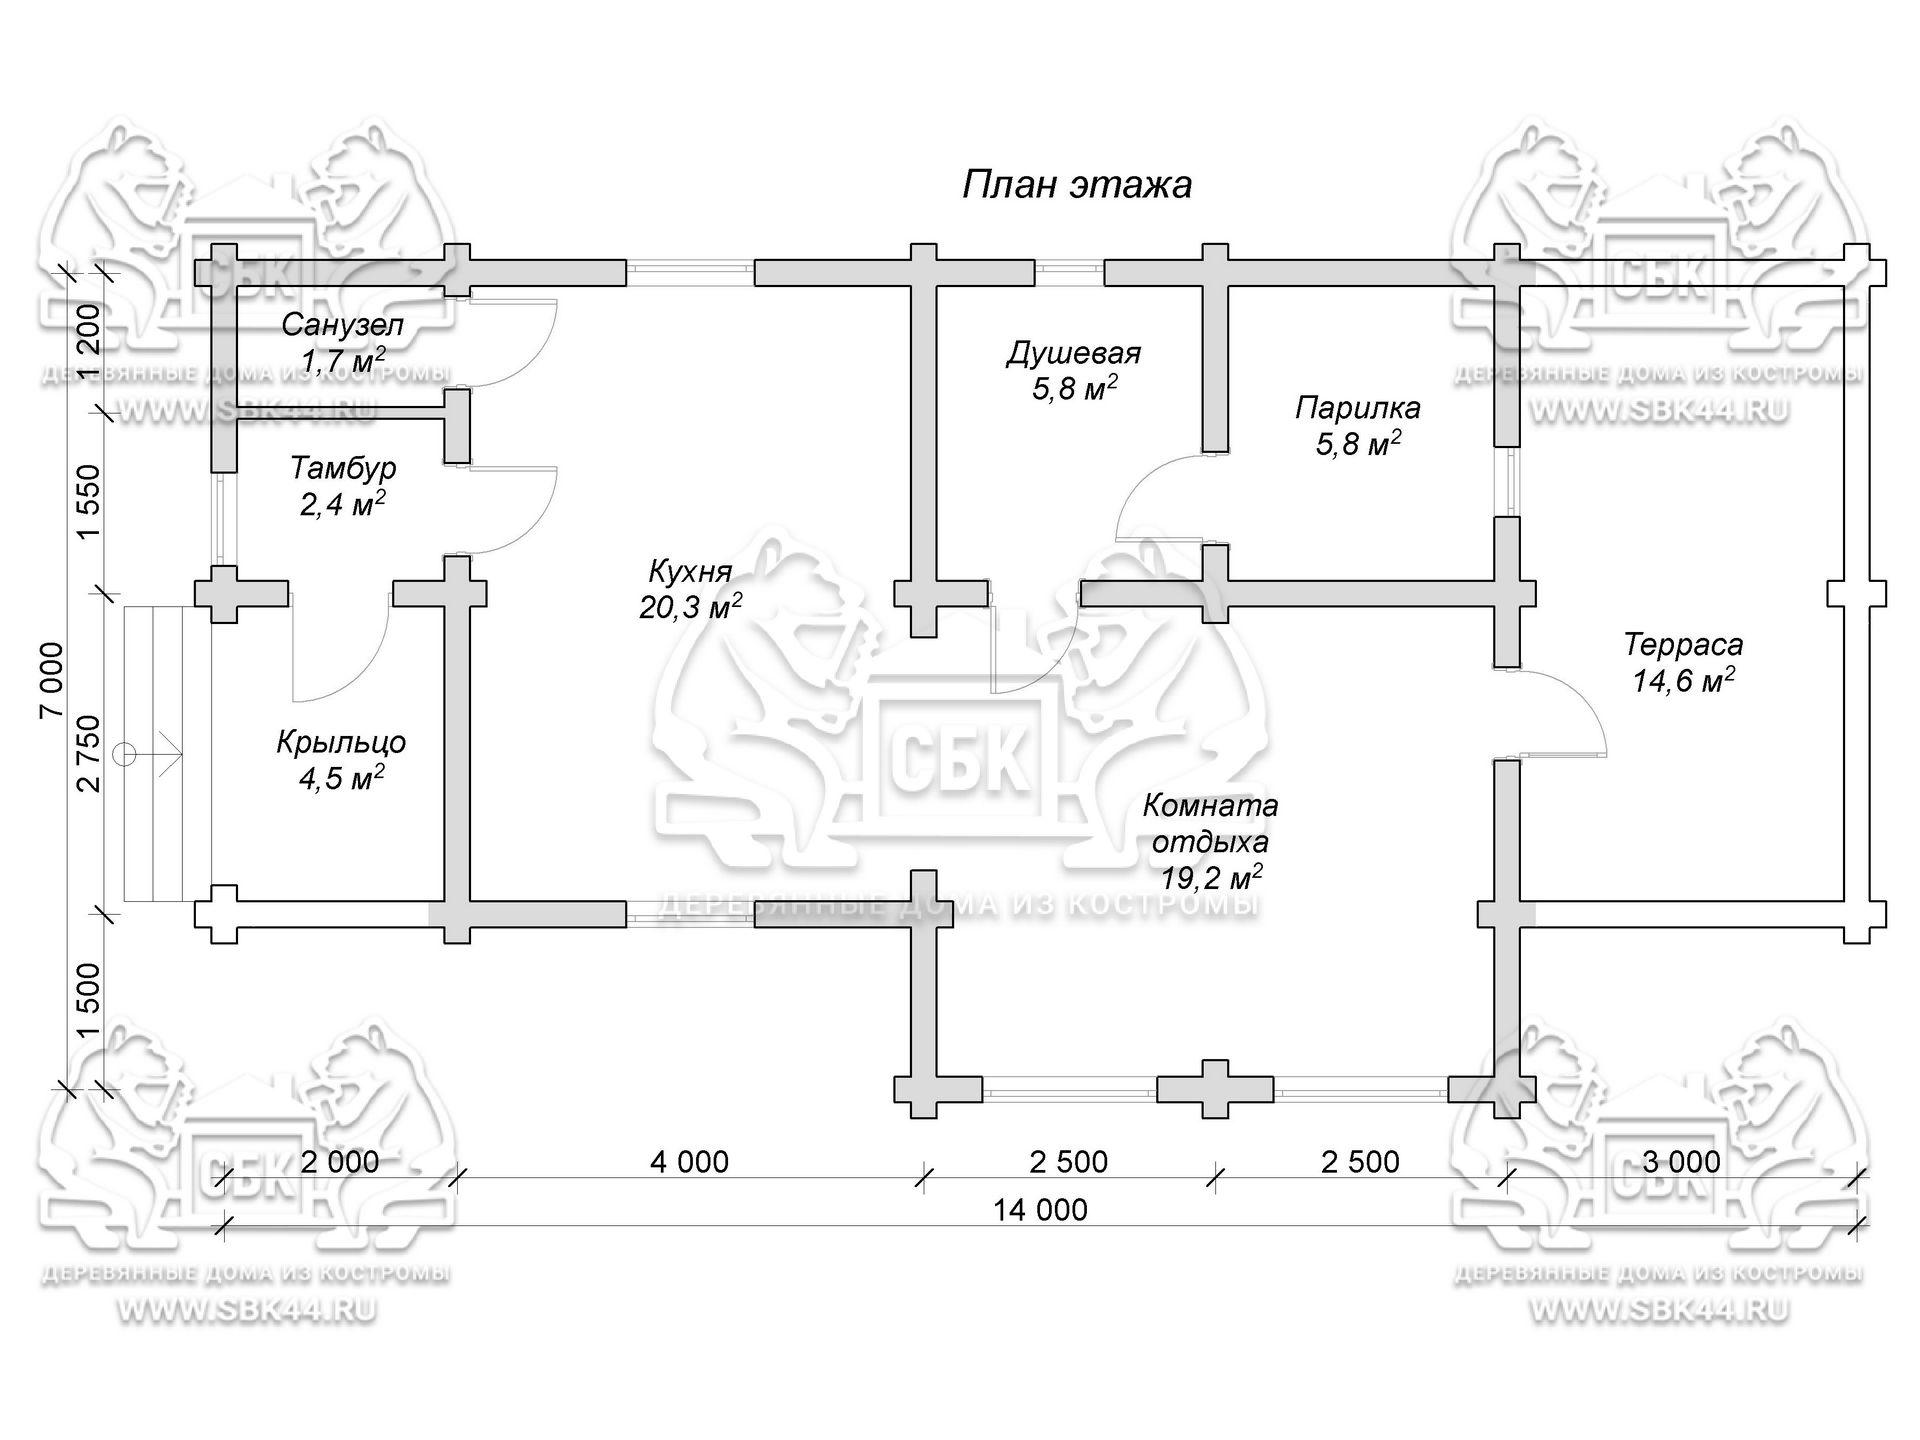 Проект бани из оцилиндрованного бревна 14 на 7 м «Муром» план 1